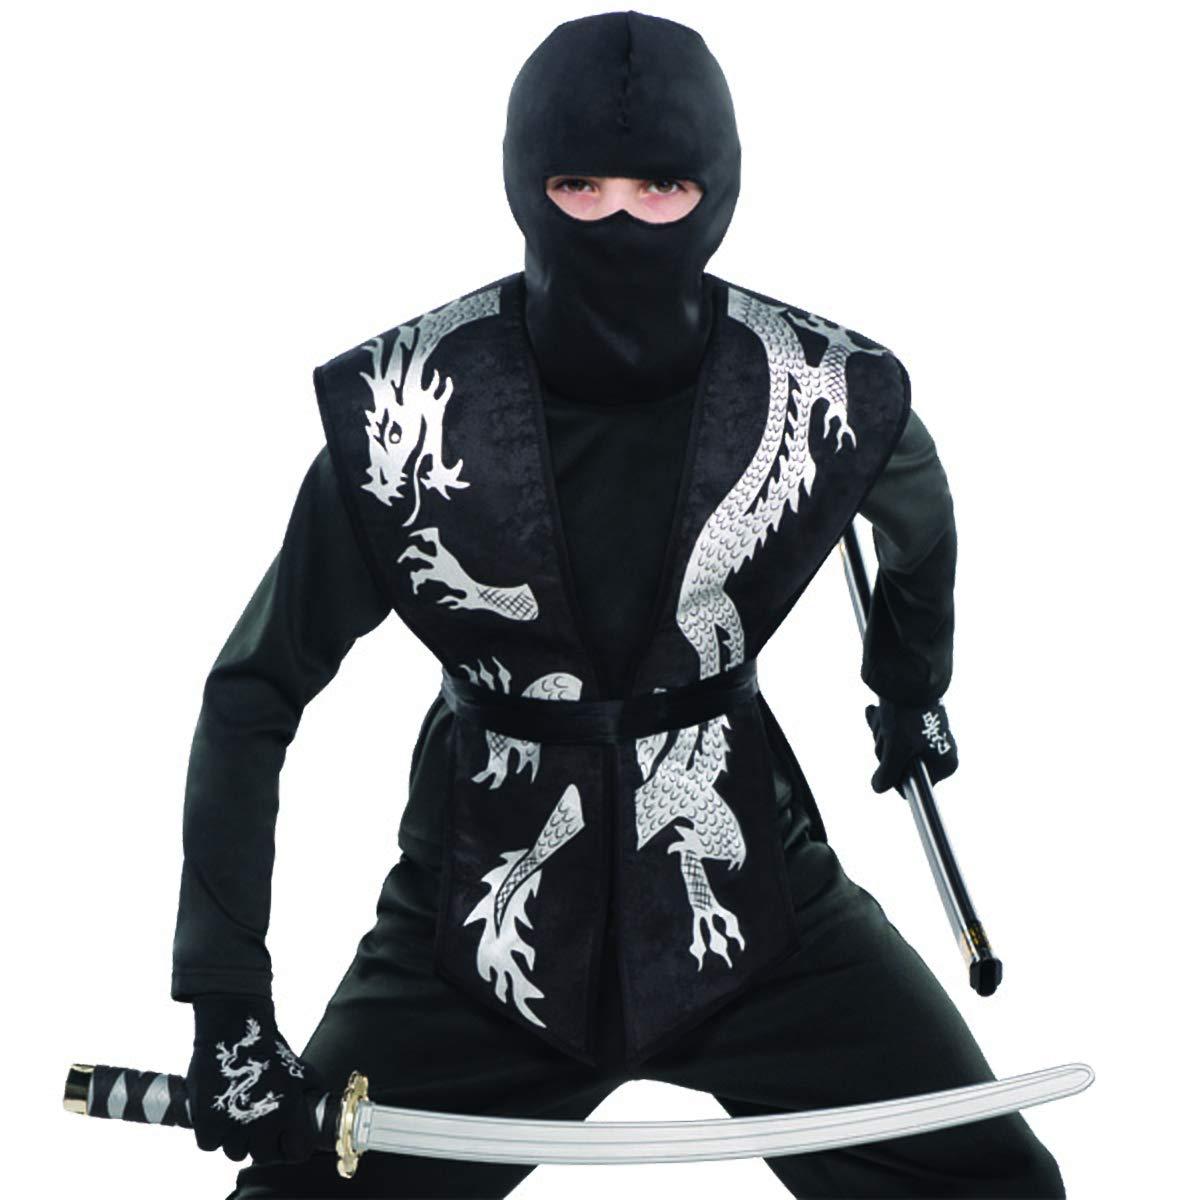 Amazon.com: Child Black Ninja Tabard   3 Ct.: Toys & Games